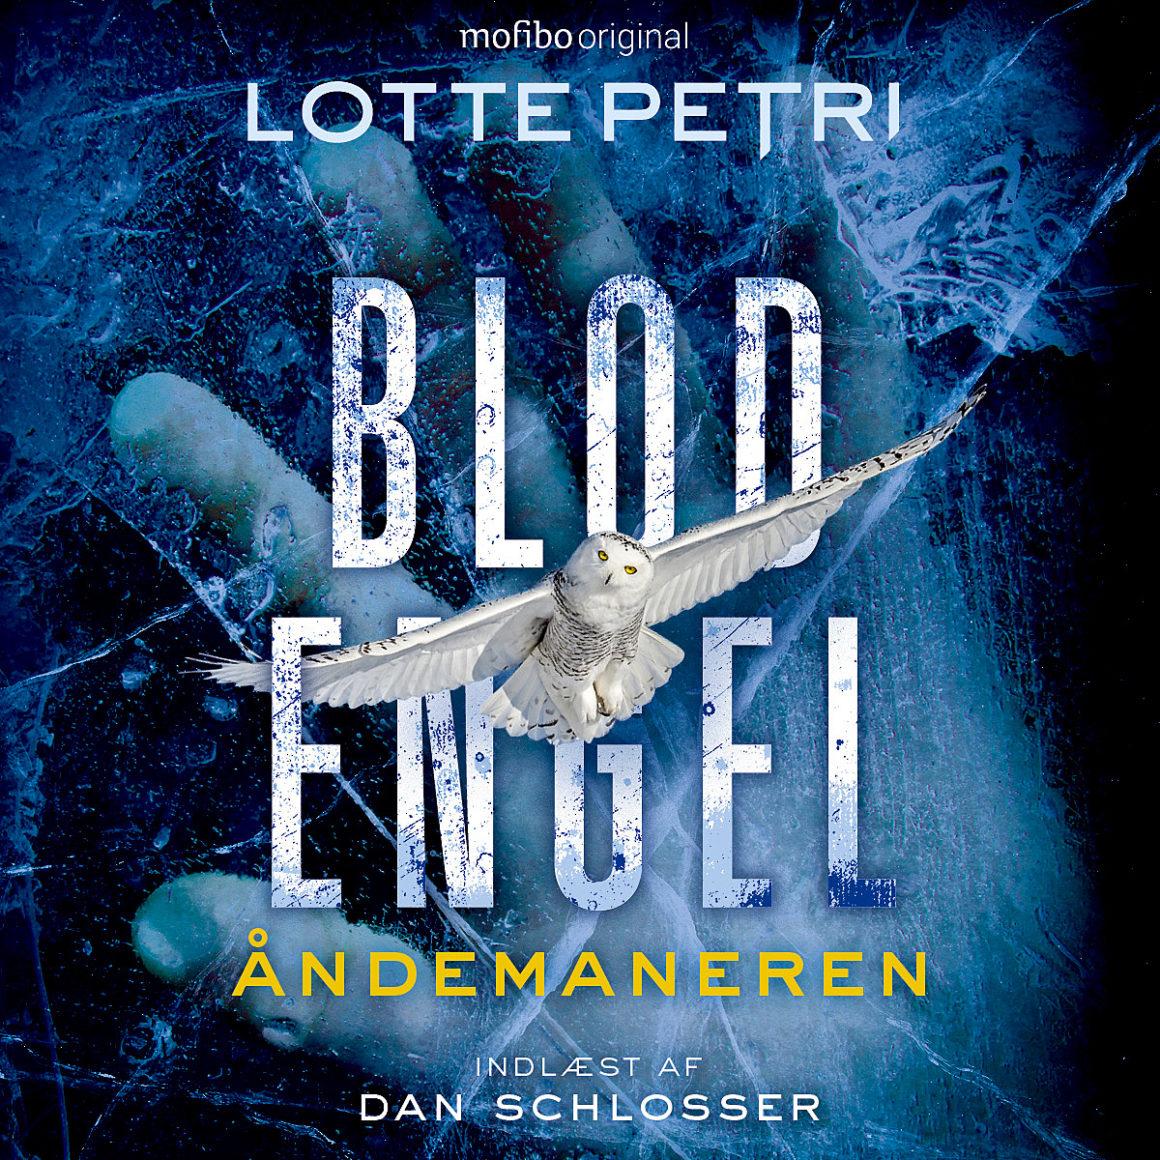 Lotte Petri: Blodengel - 2. sæson - Åndemaneren